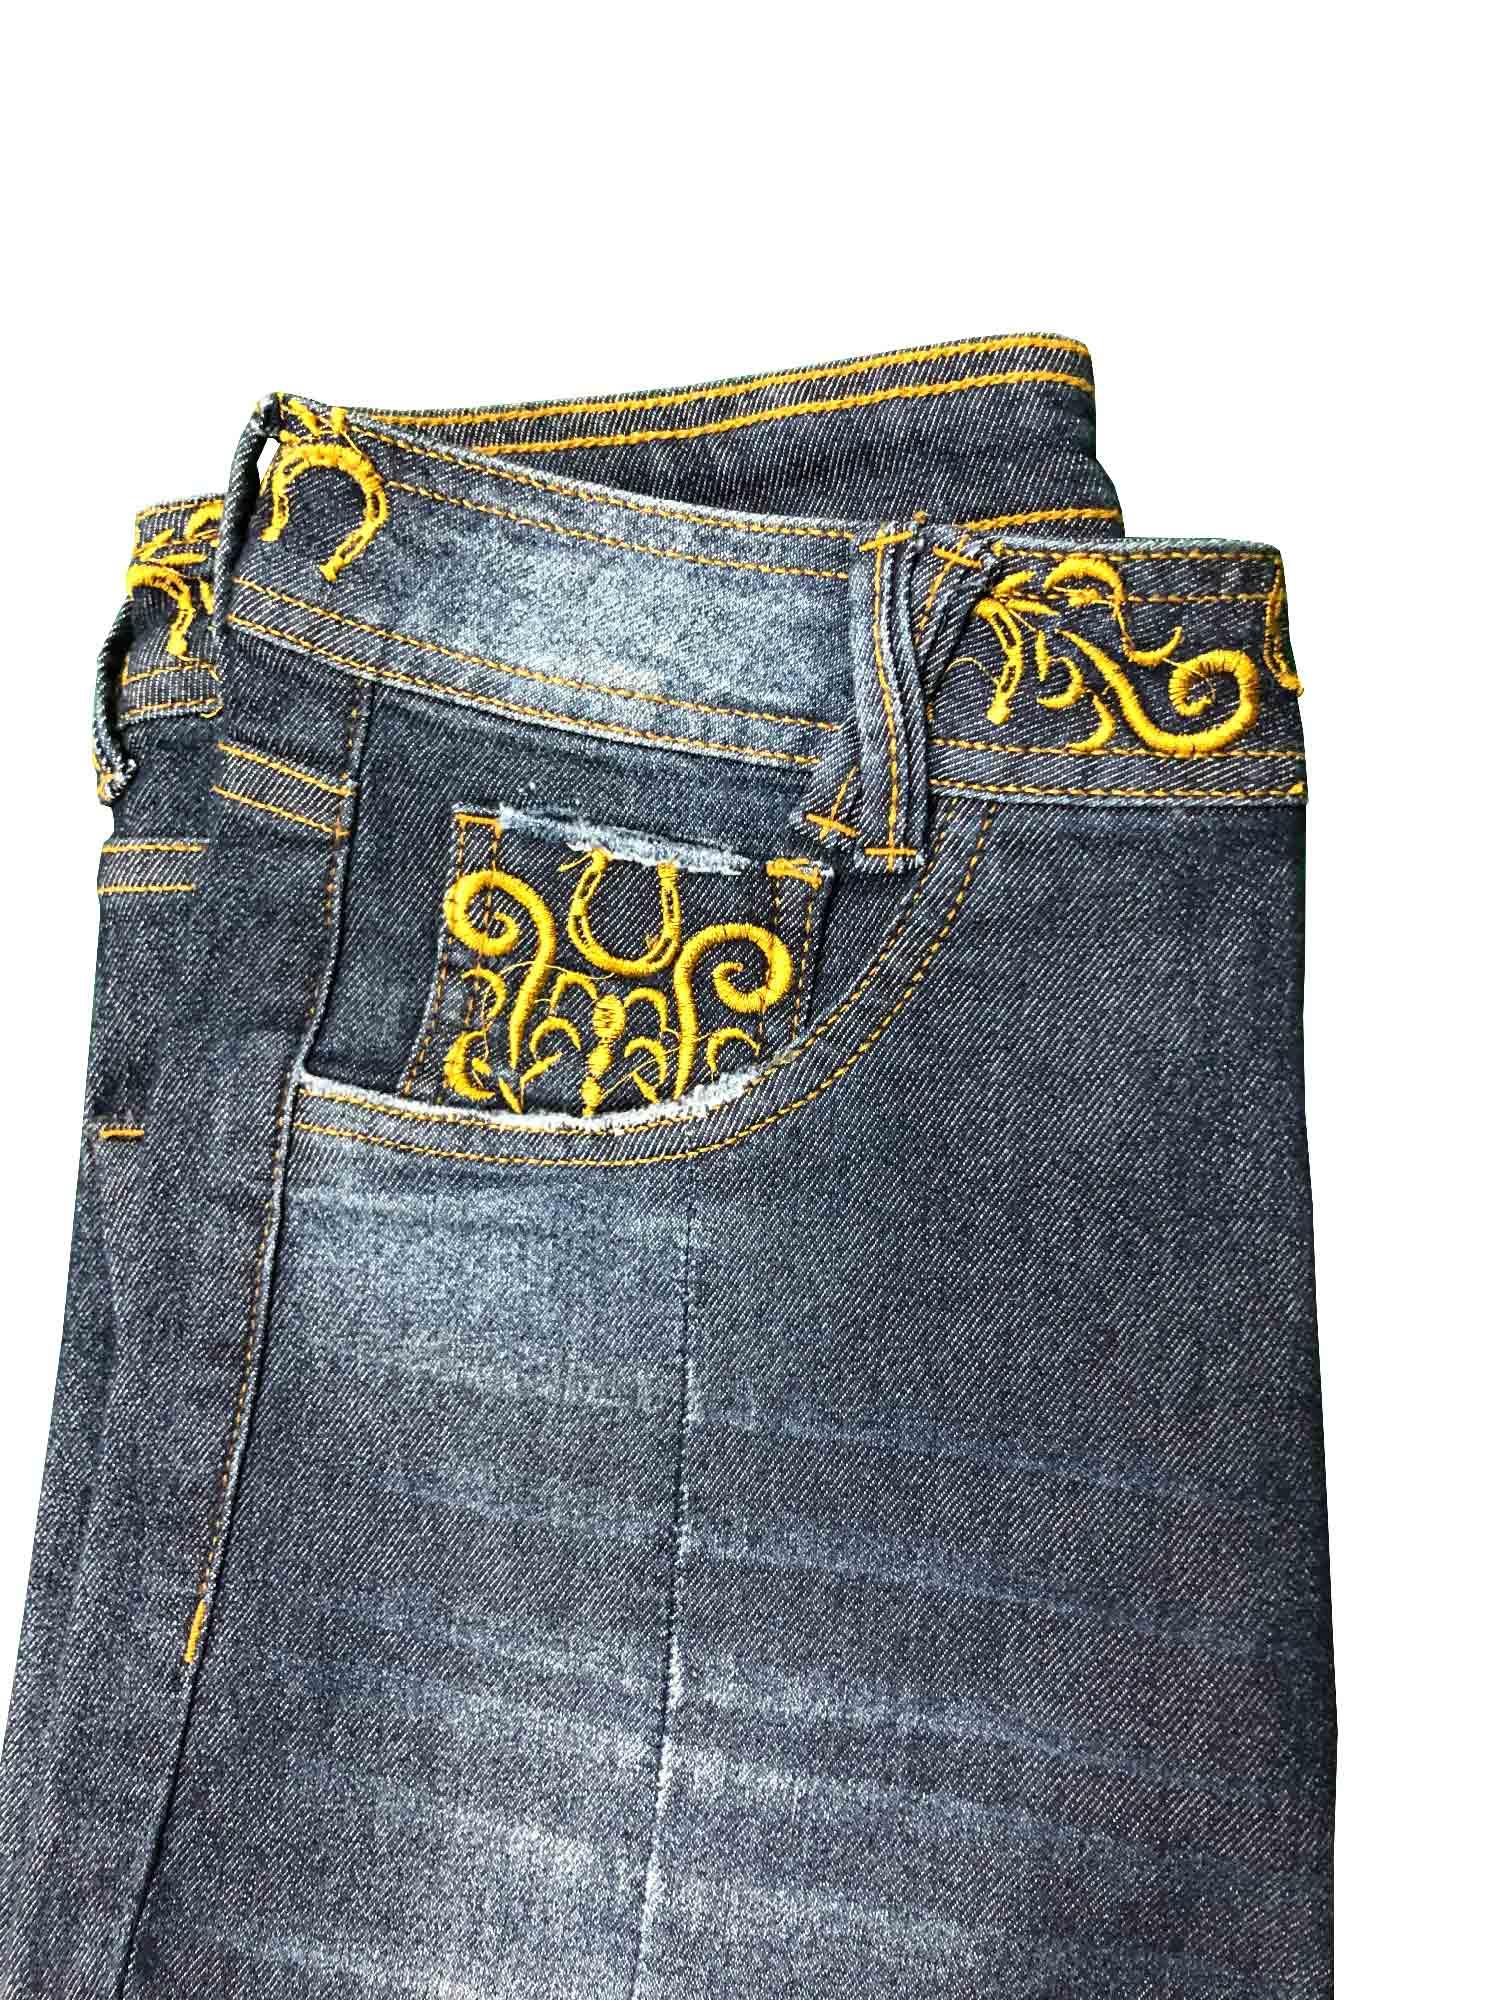 Calça Feminina Minuty Hot Pant Flare Ref 201837